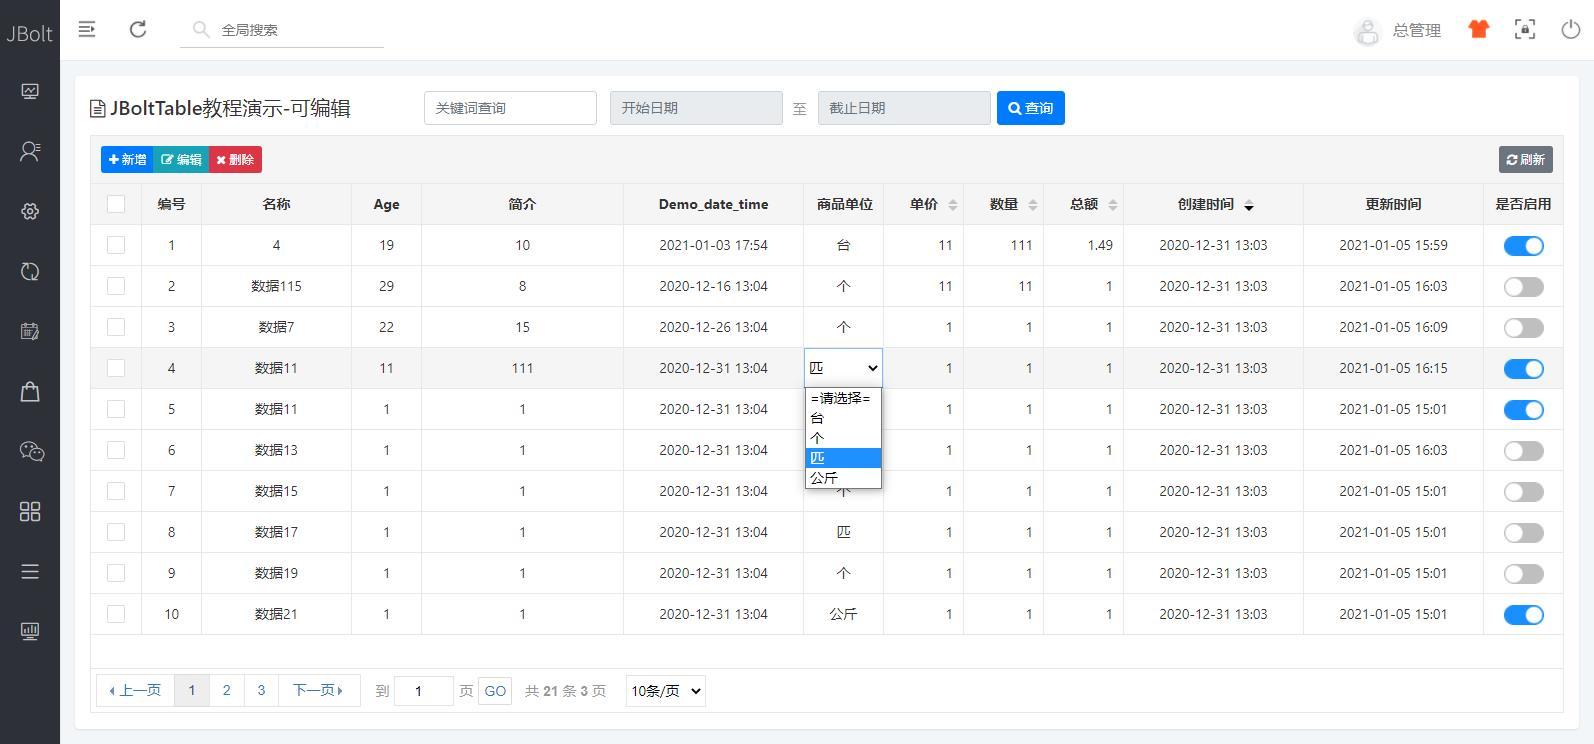 jbolttable-可编辑表格-组件-select 补充